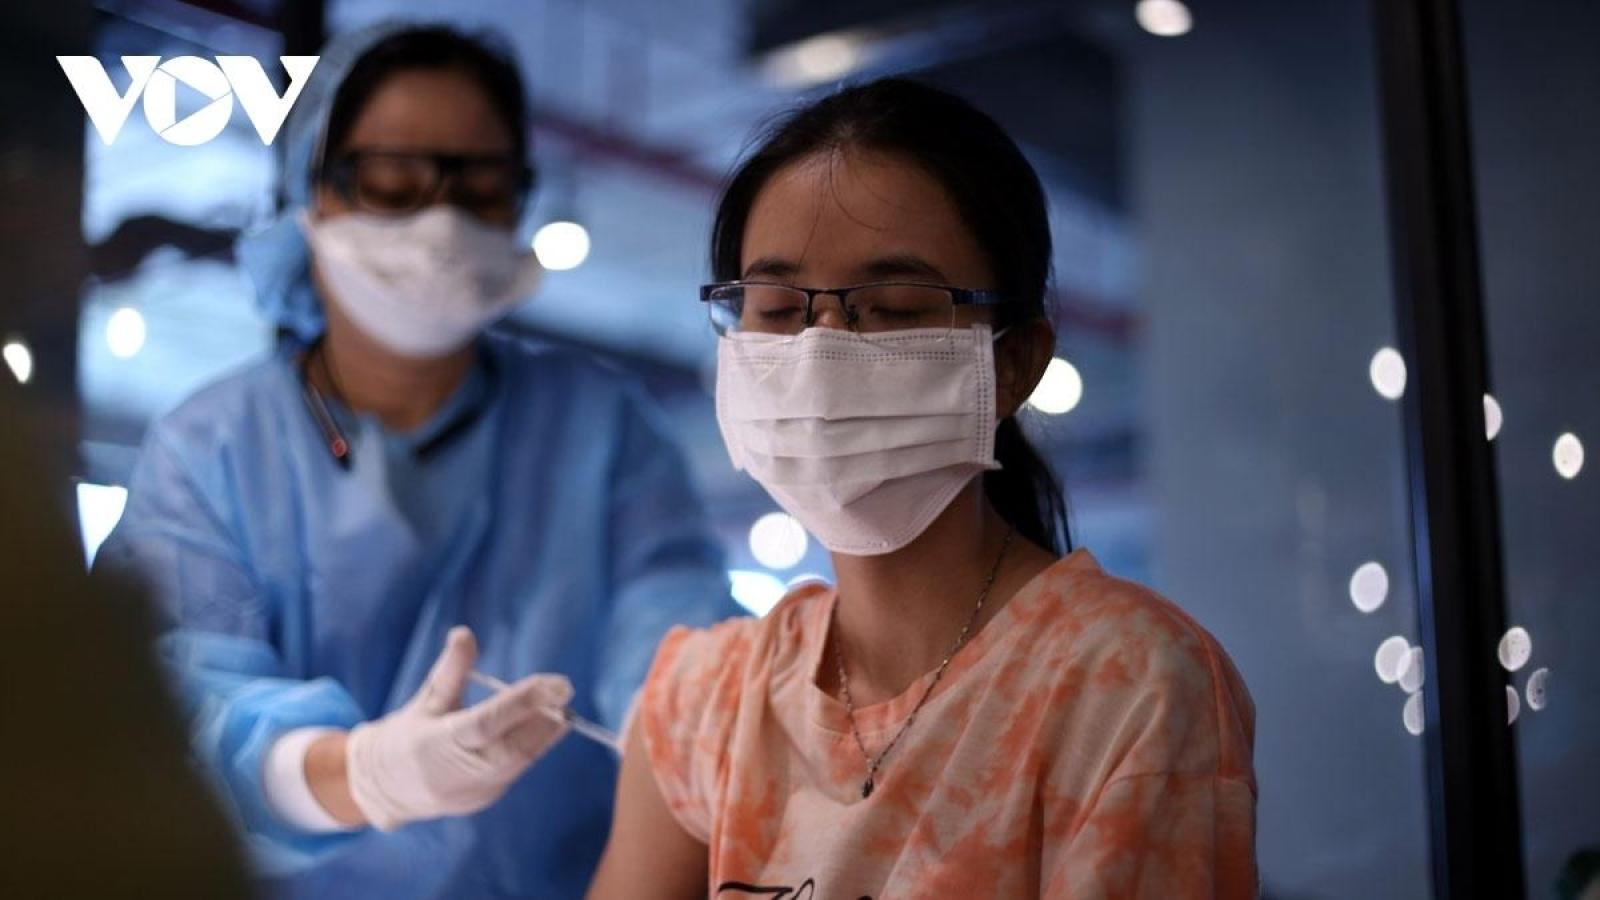 Bộ Y tế yêu cầu không nhận bồi dưỡng khi tiêm vaccine COVID-19